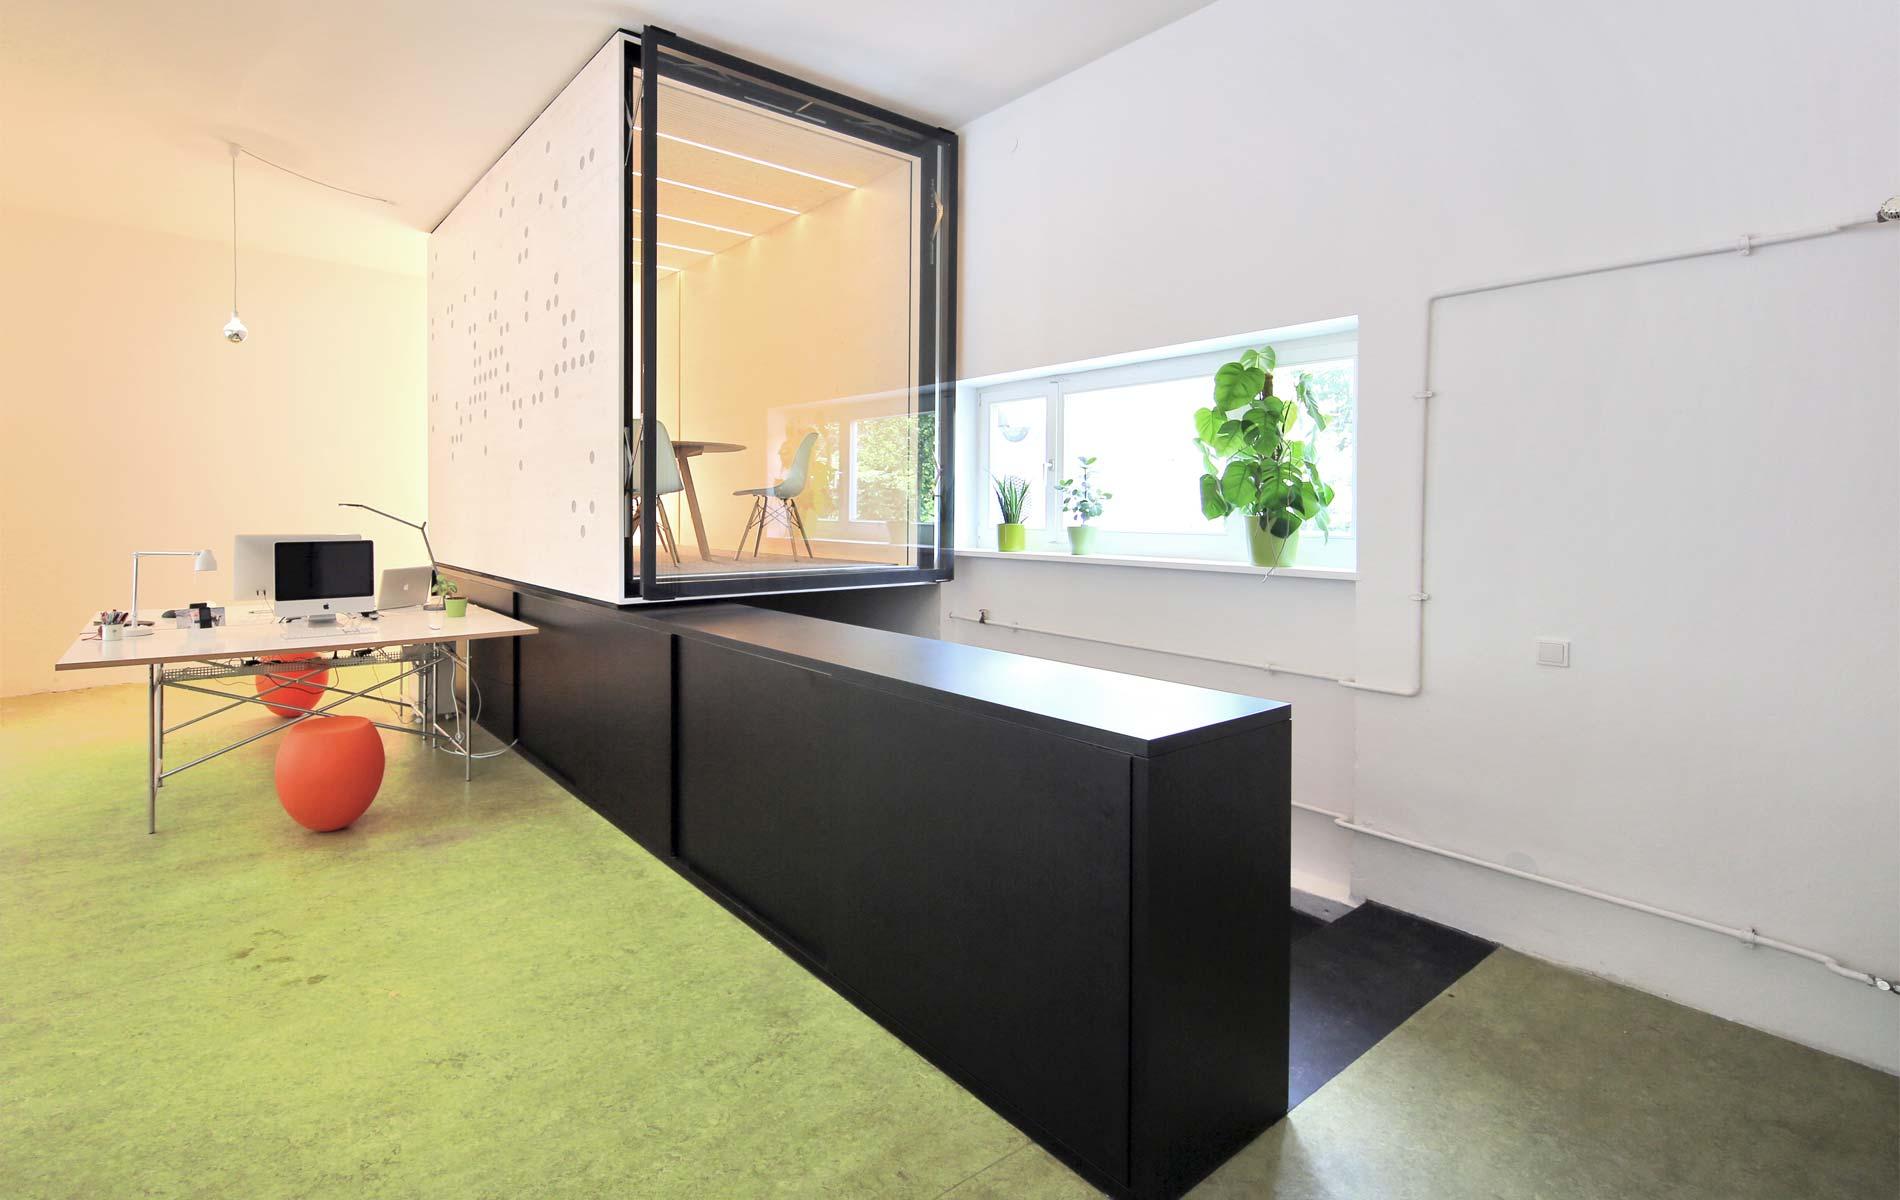 Besprechungsbox, Besprechungsraum,Coworking Spaces